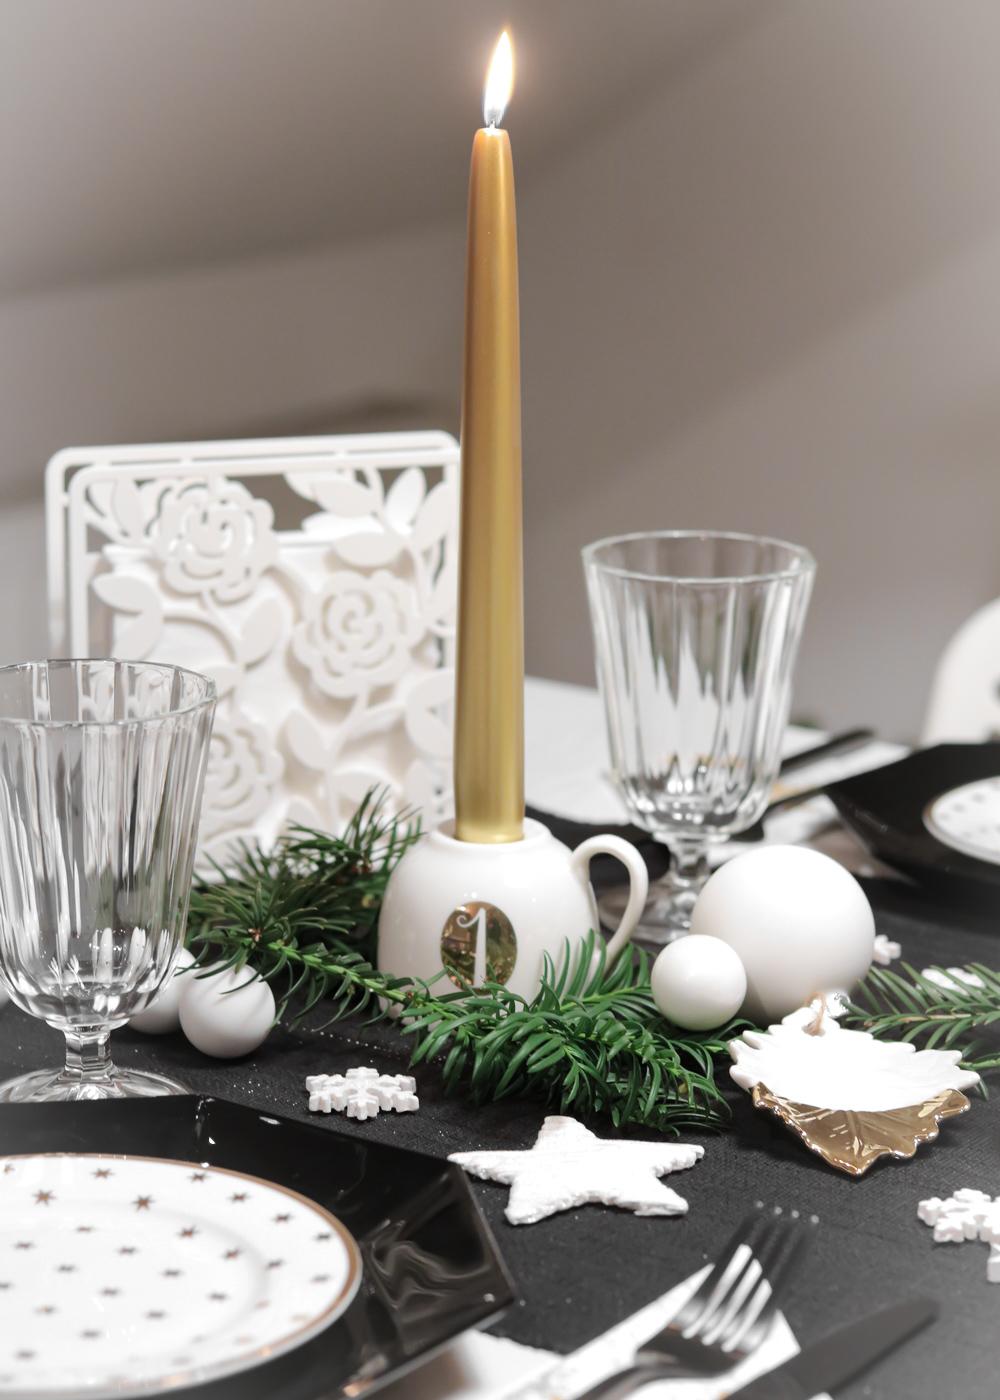 Ediths Weihnachten Tischdekoration Advent Schwarzes Besteck Teller Gold Sterne 3 Lavie Deboite